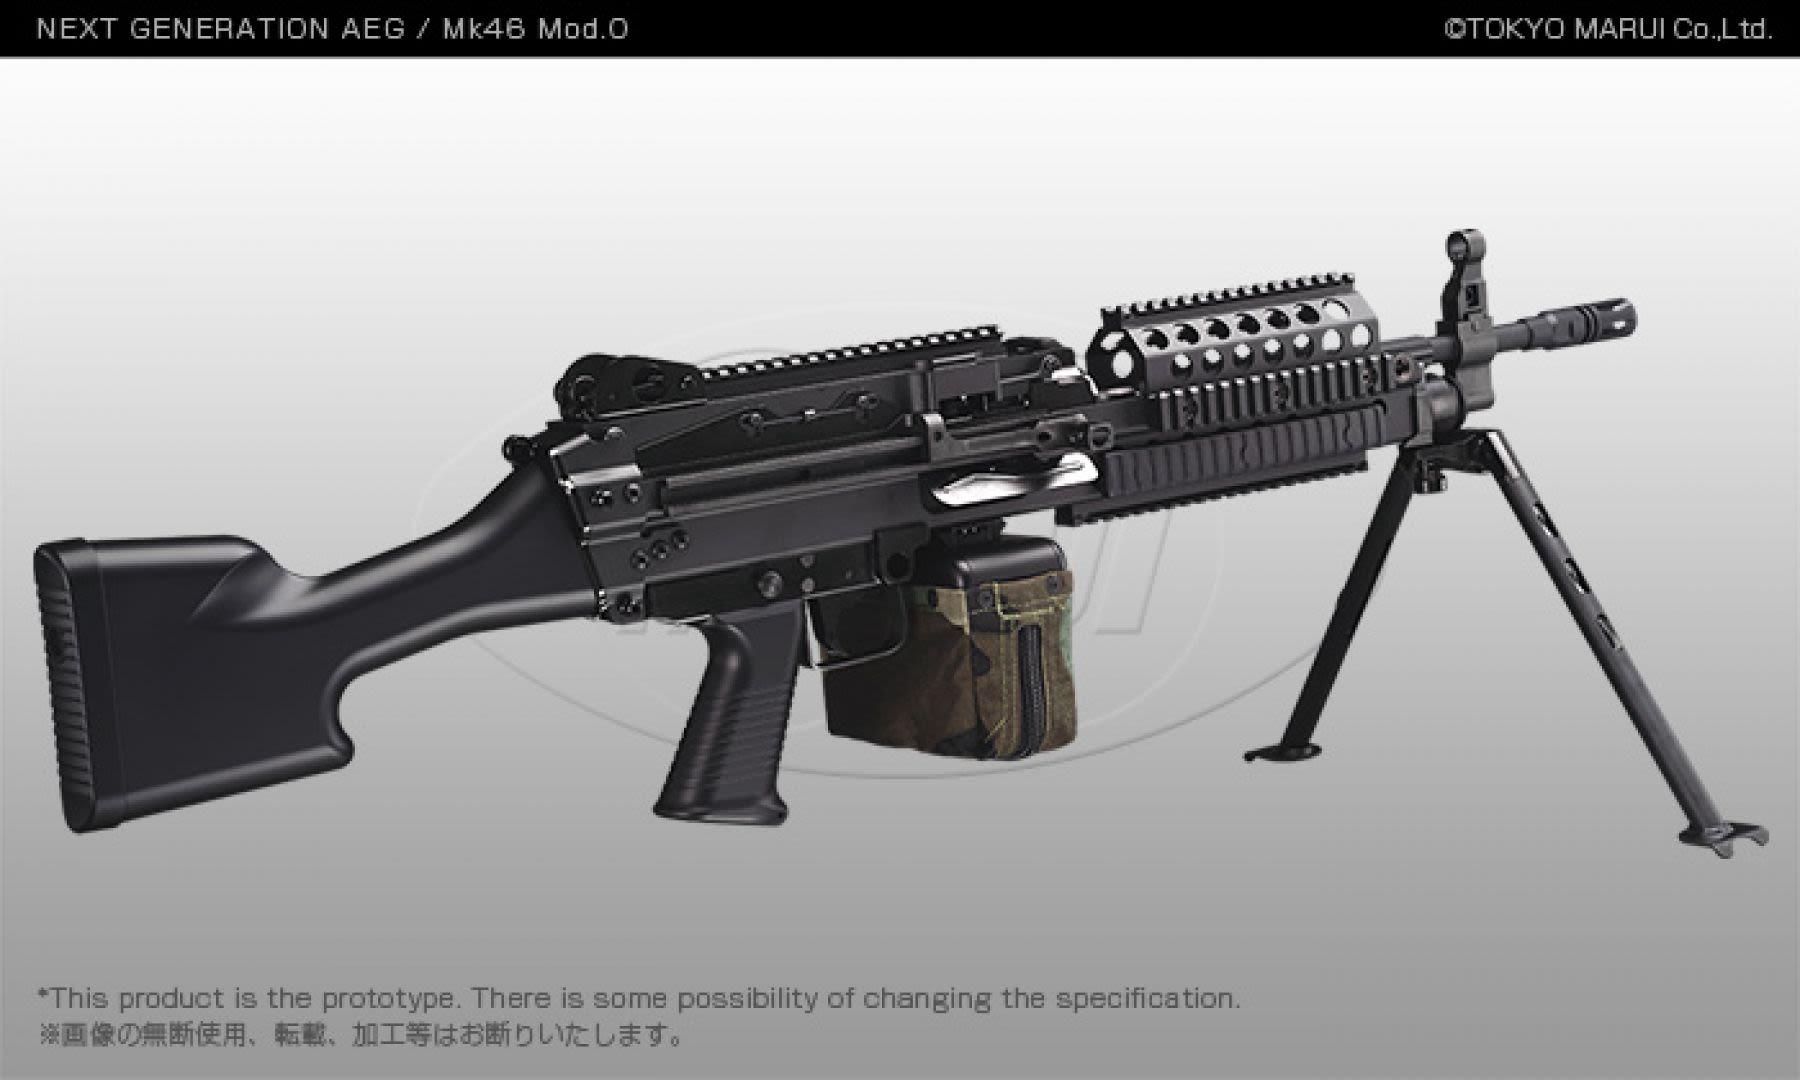 Mk 46 Mod.0 Minimi TM